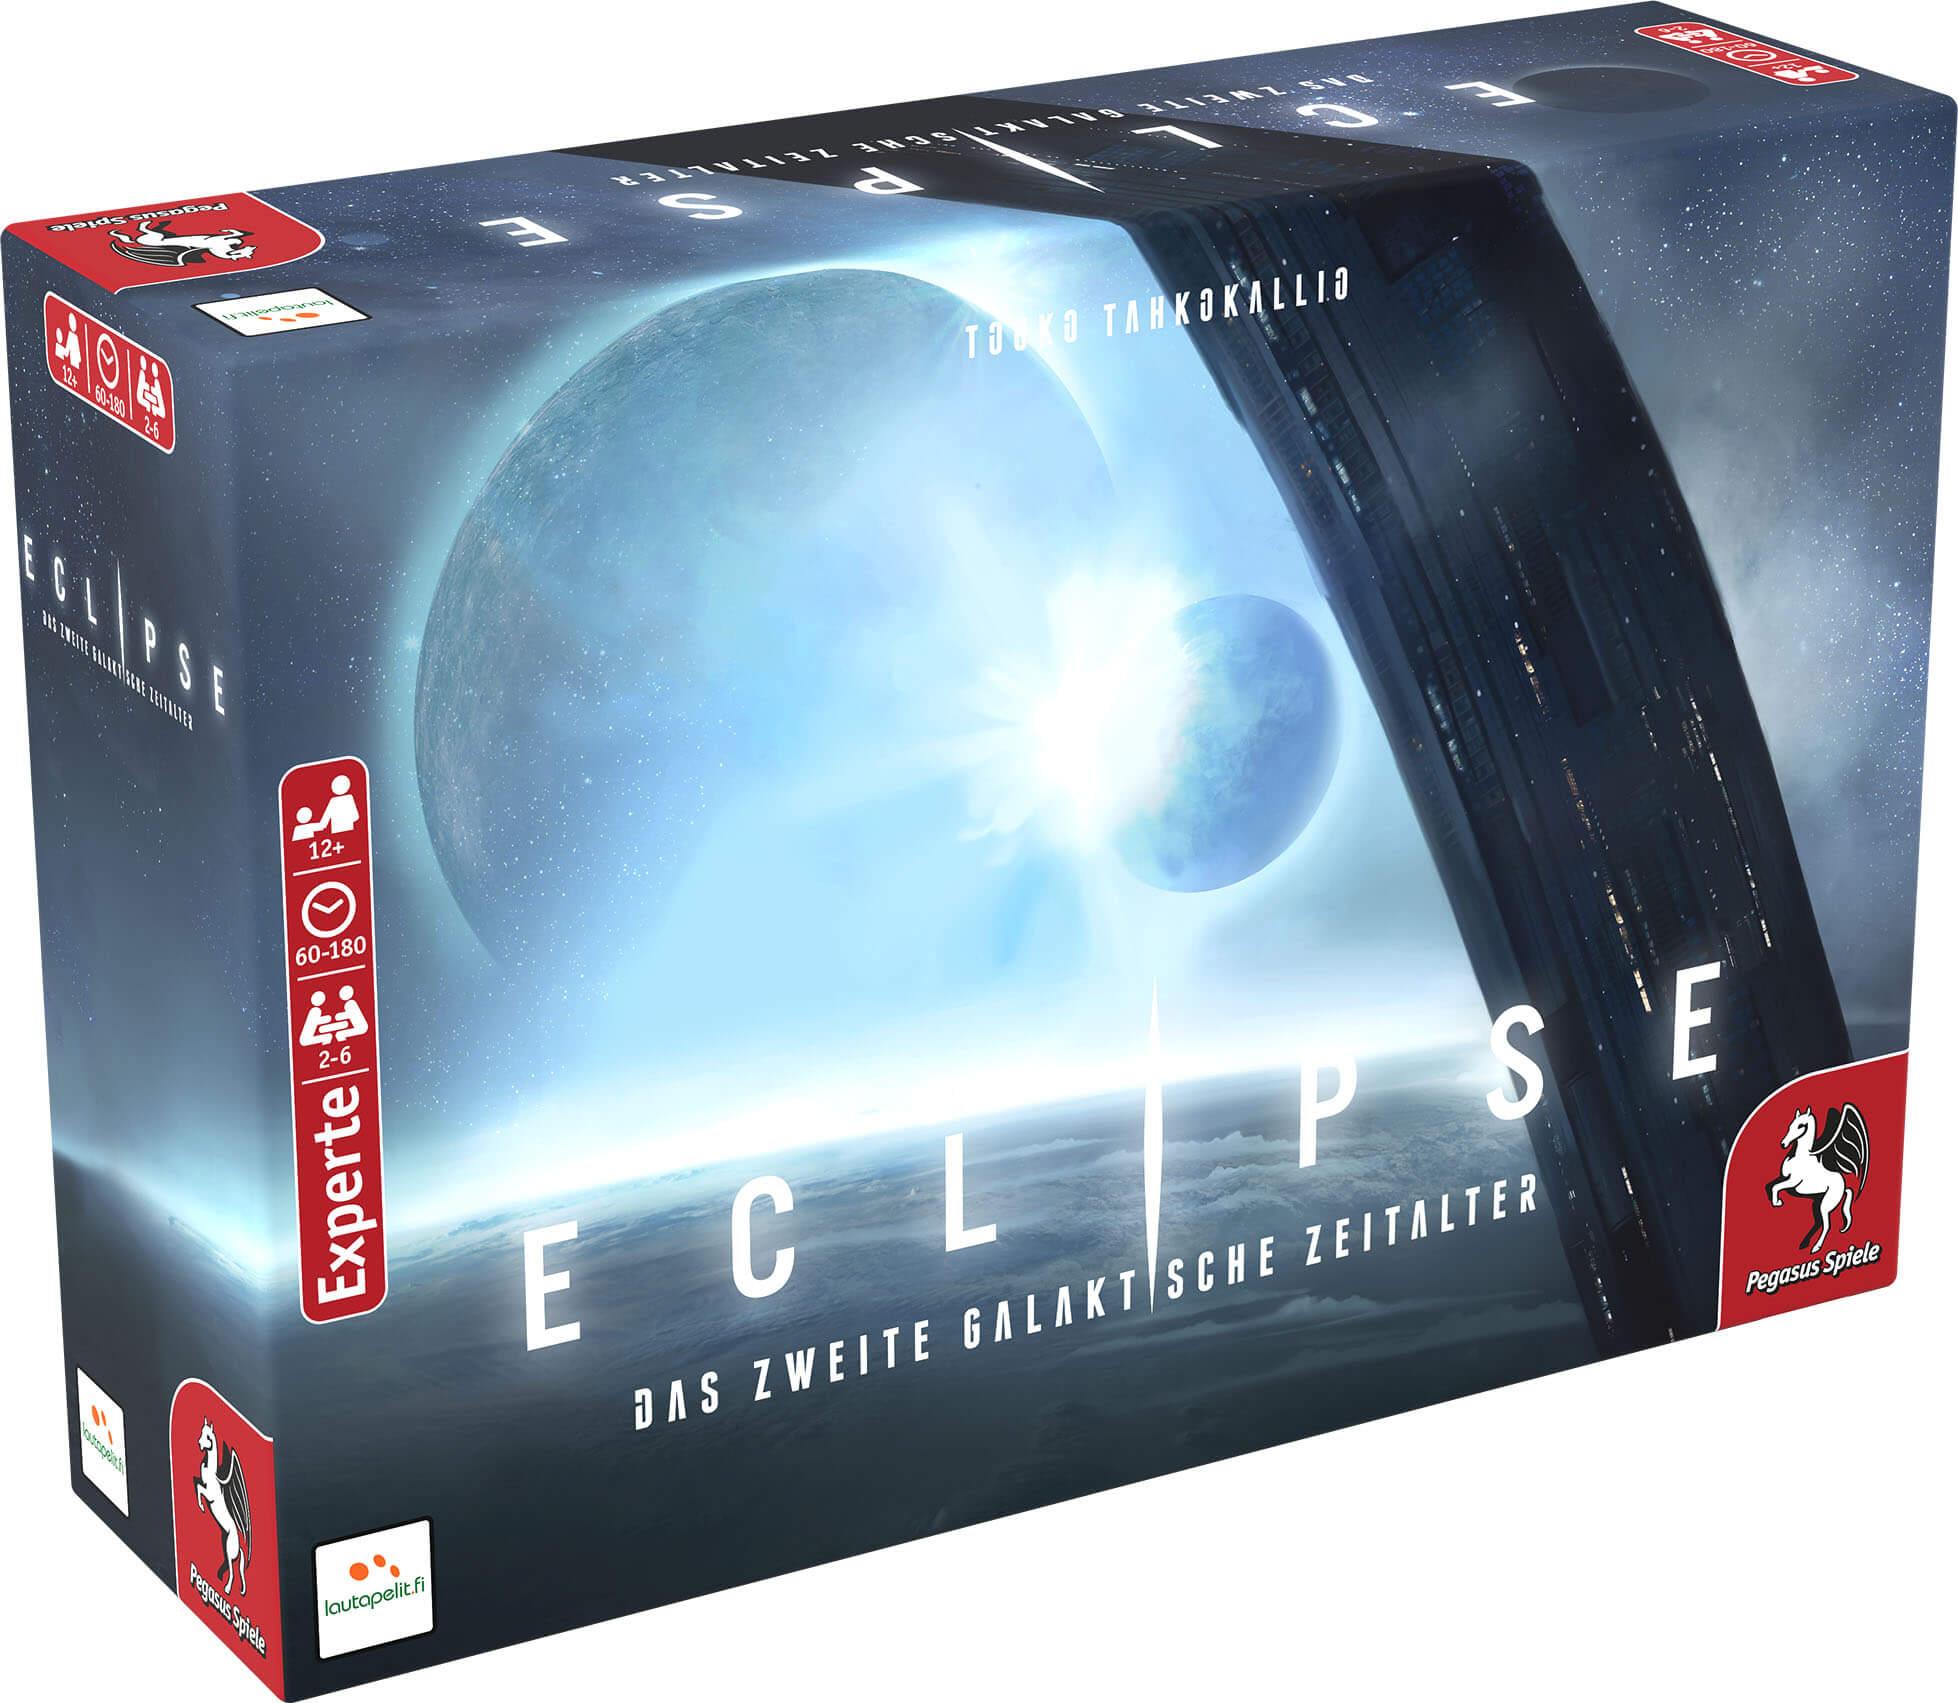 Schachtel Vorderseite links- Eclipse – Das zweite galaktische Zeitalter